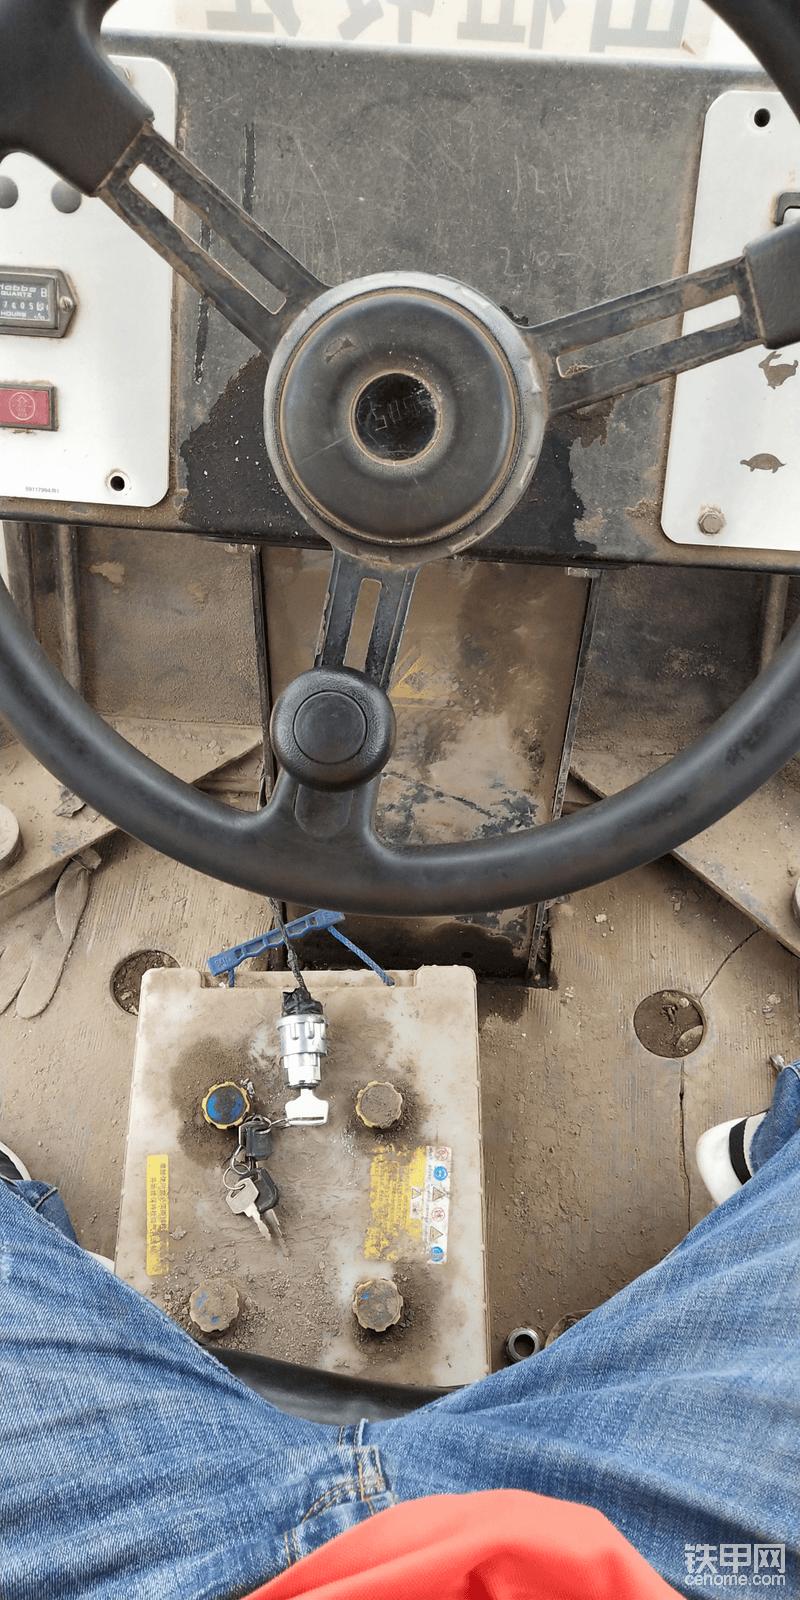 脚底下没有任何踏板,油门大小,前进后退刹车都是档把来控制,不知道其他品牌的是不是也这样。